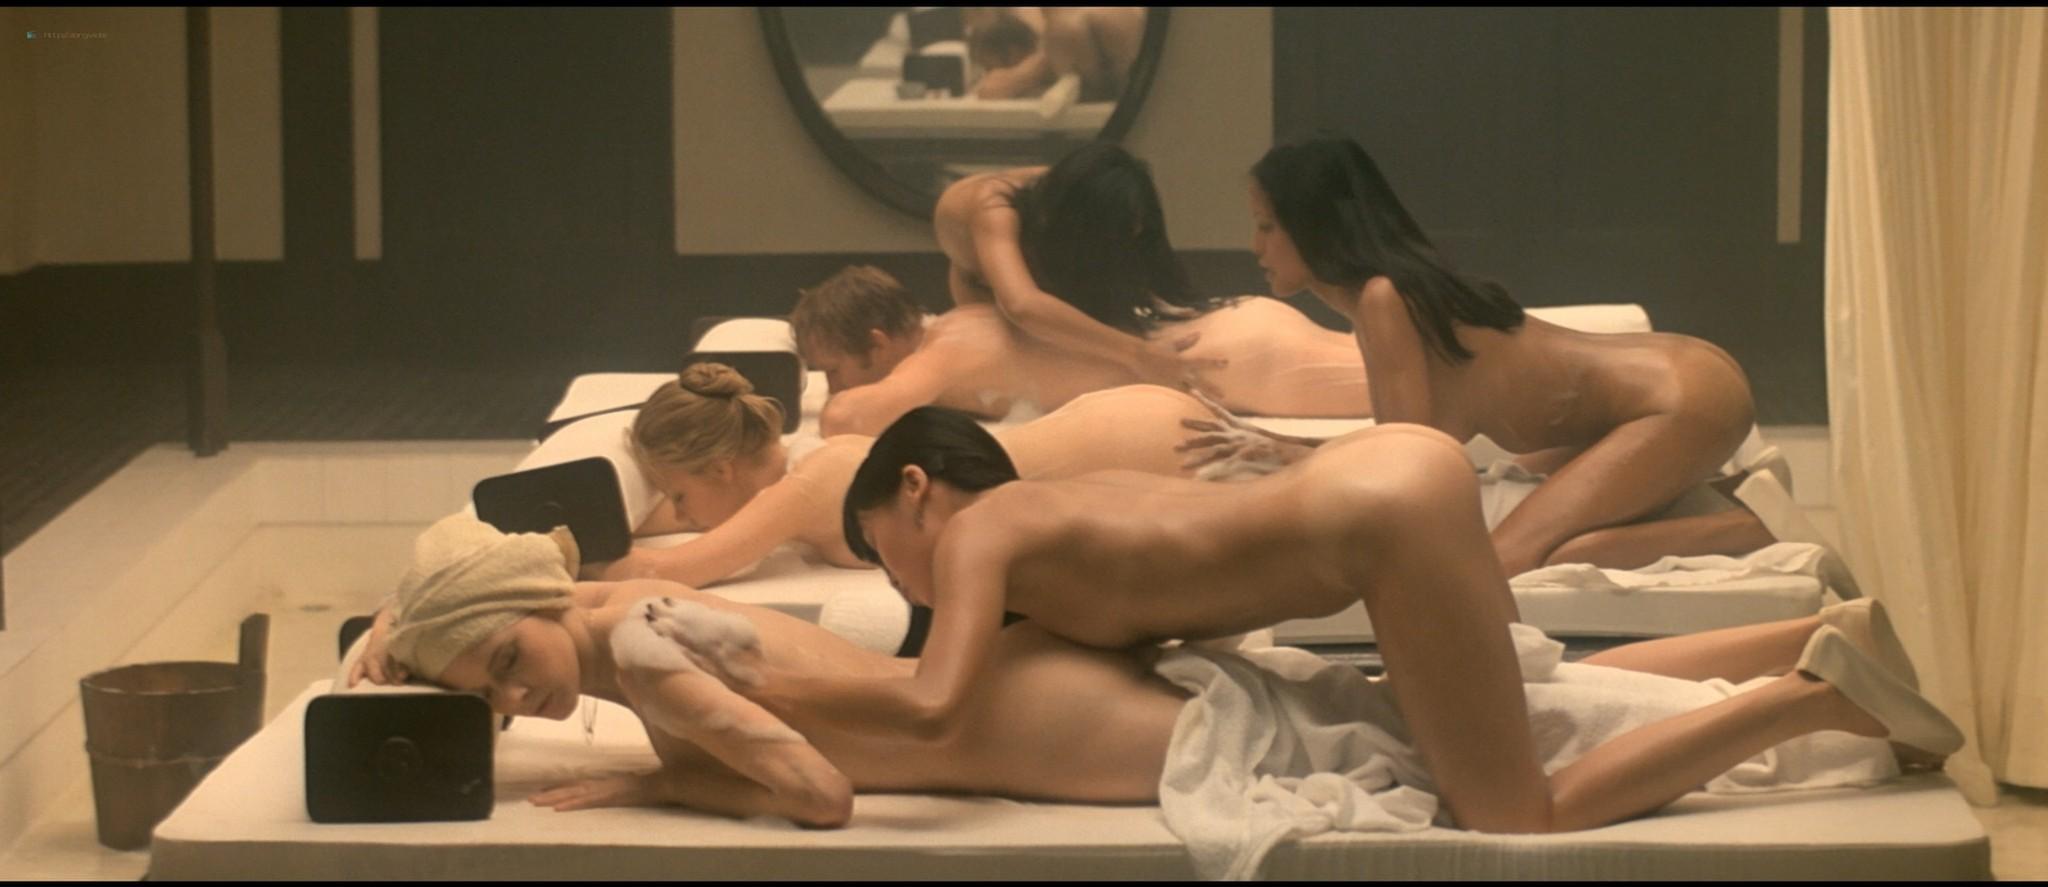 Sylvia Kristel nude sex threesome Catherine Rivet, Laura Gemser nude - Emmanuelle 2 (1975) HD 1080p REMUX (23)